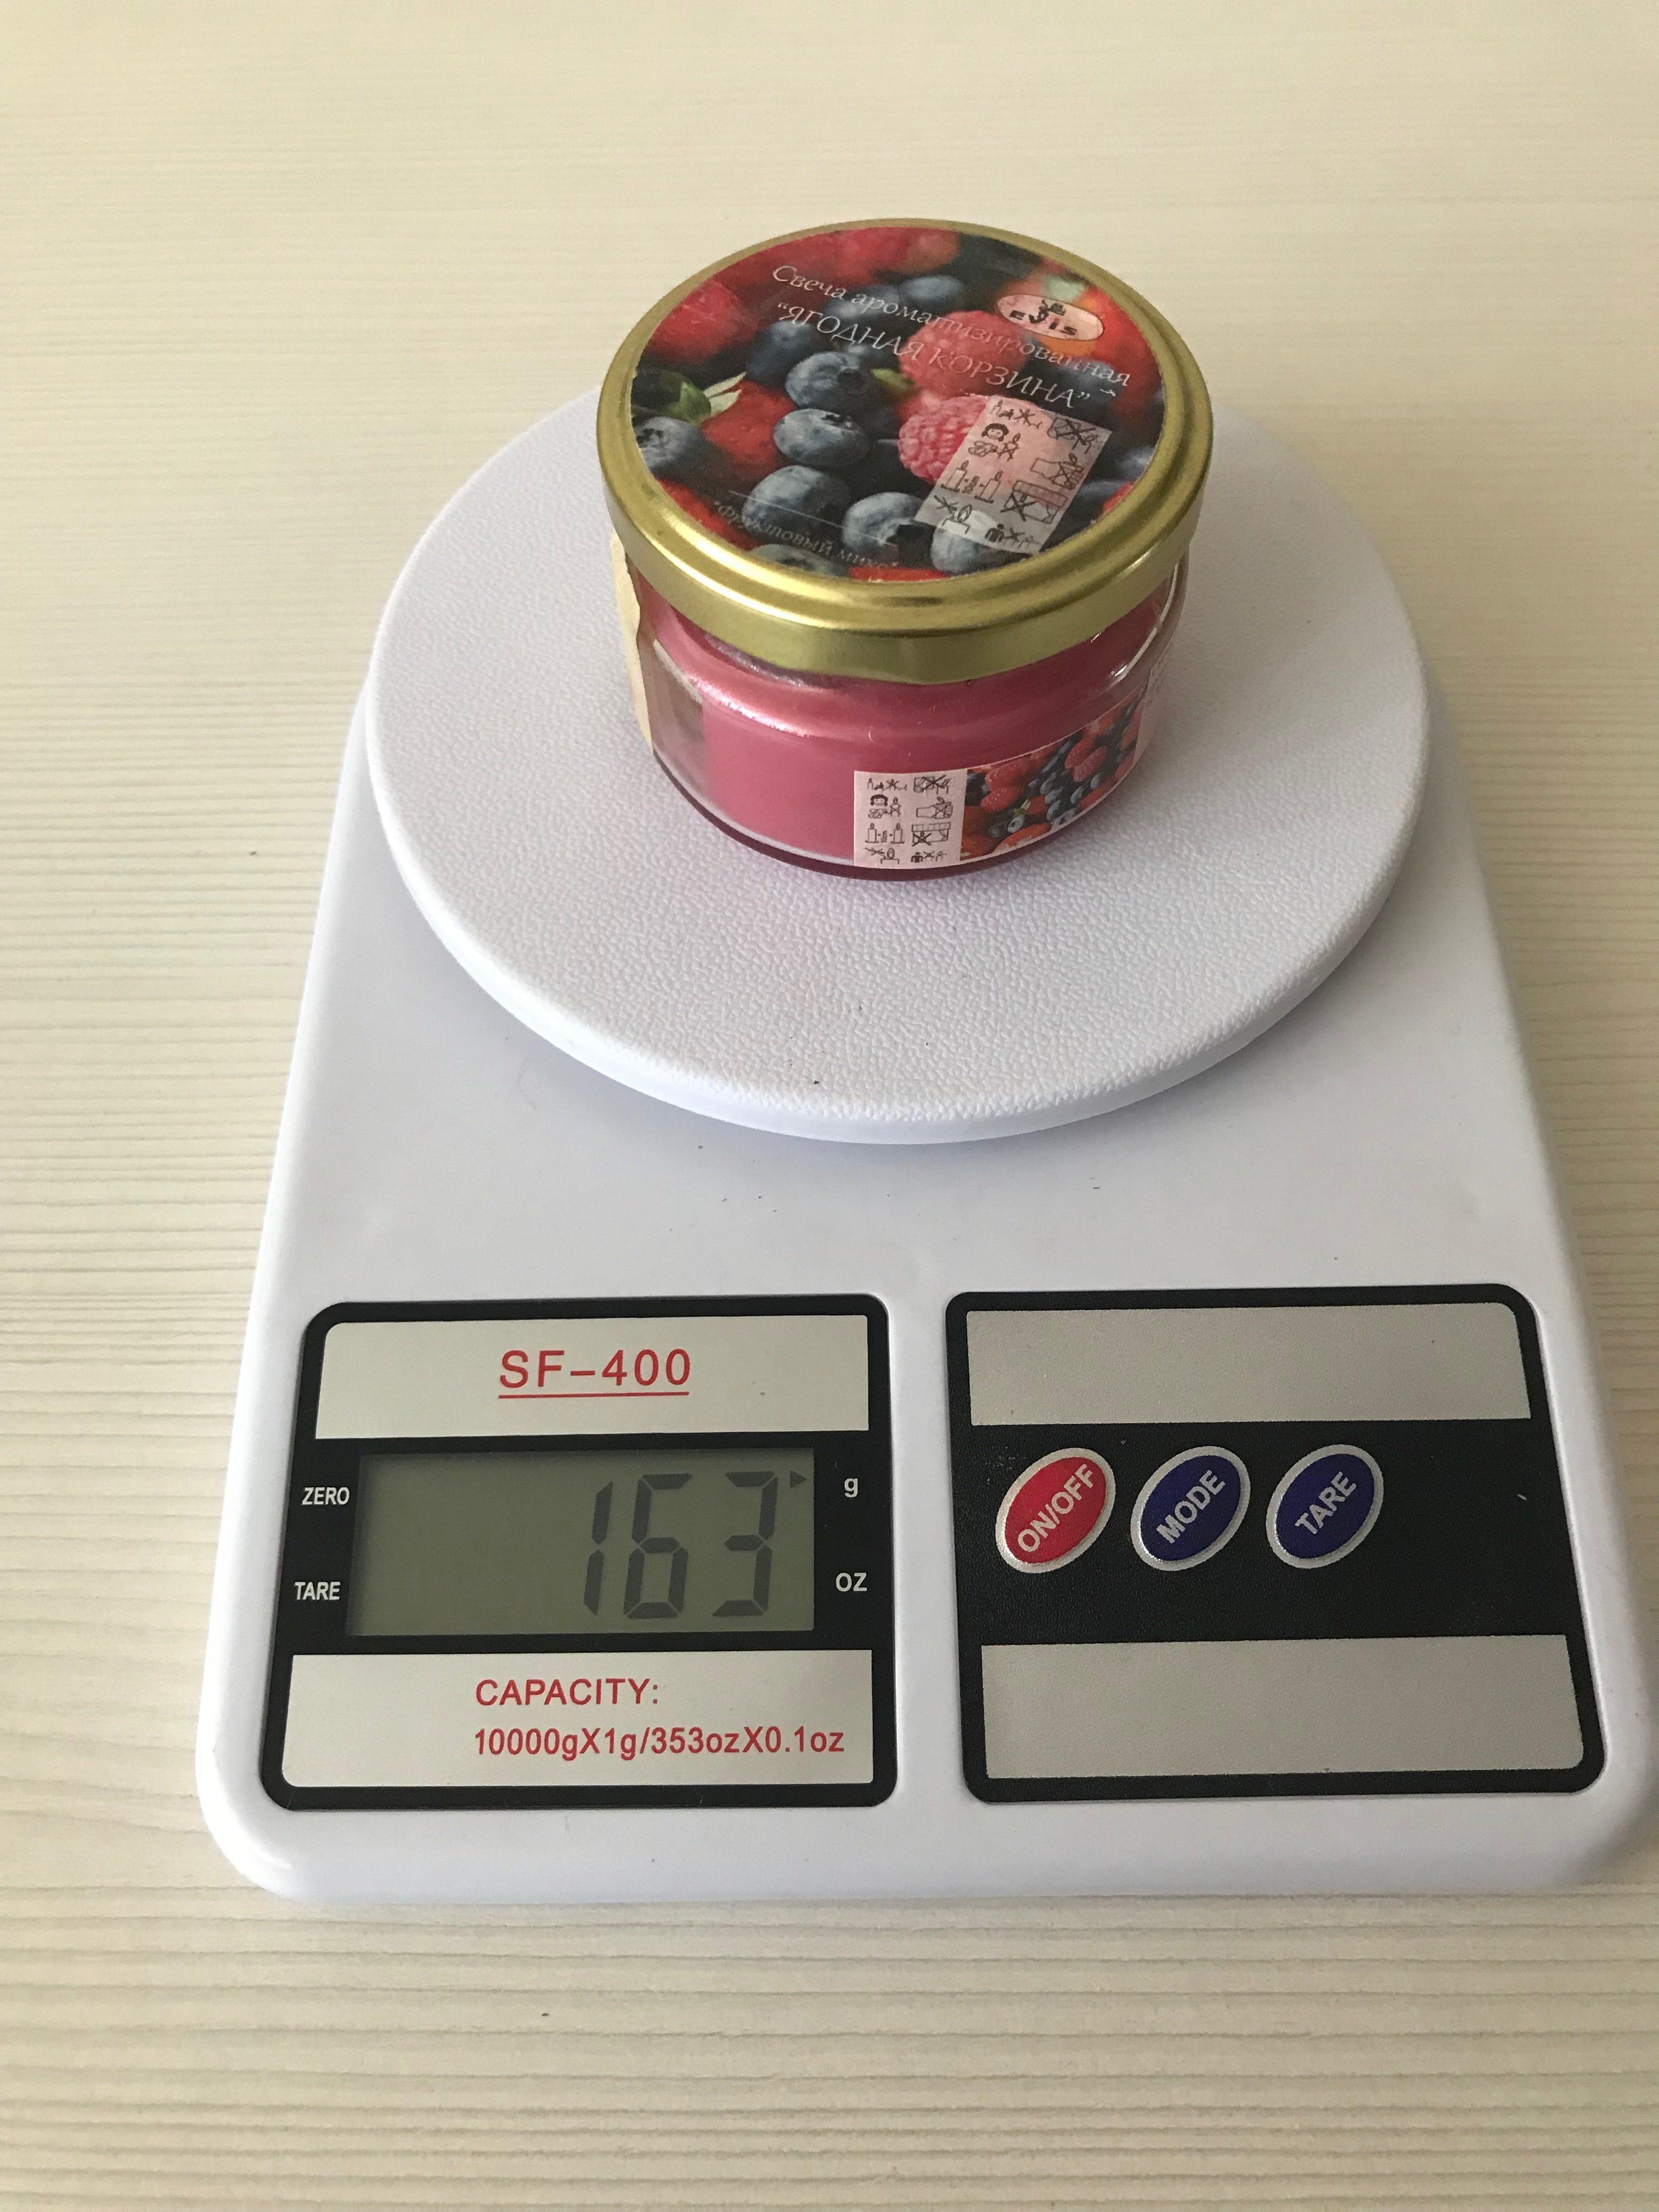 вес ароматизированной свечи